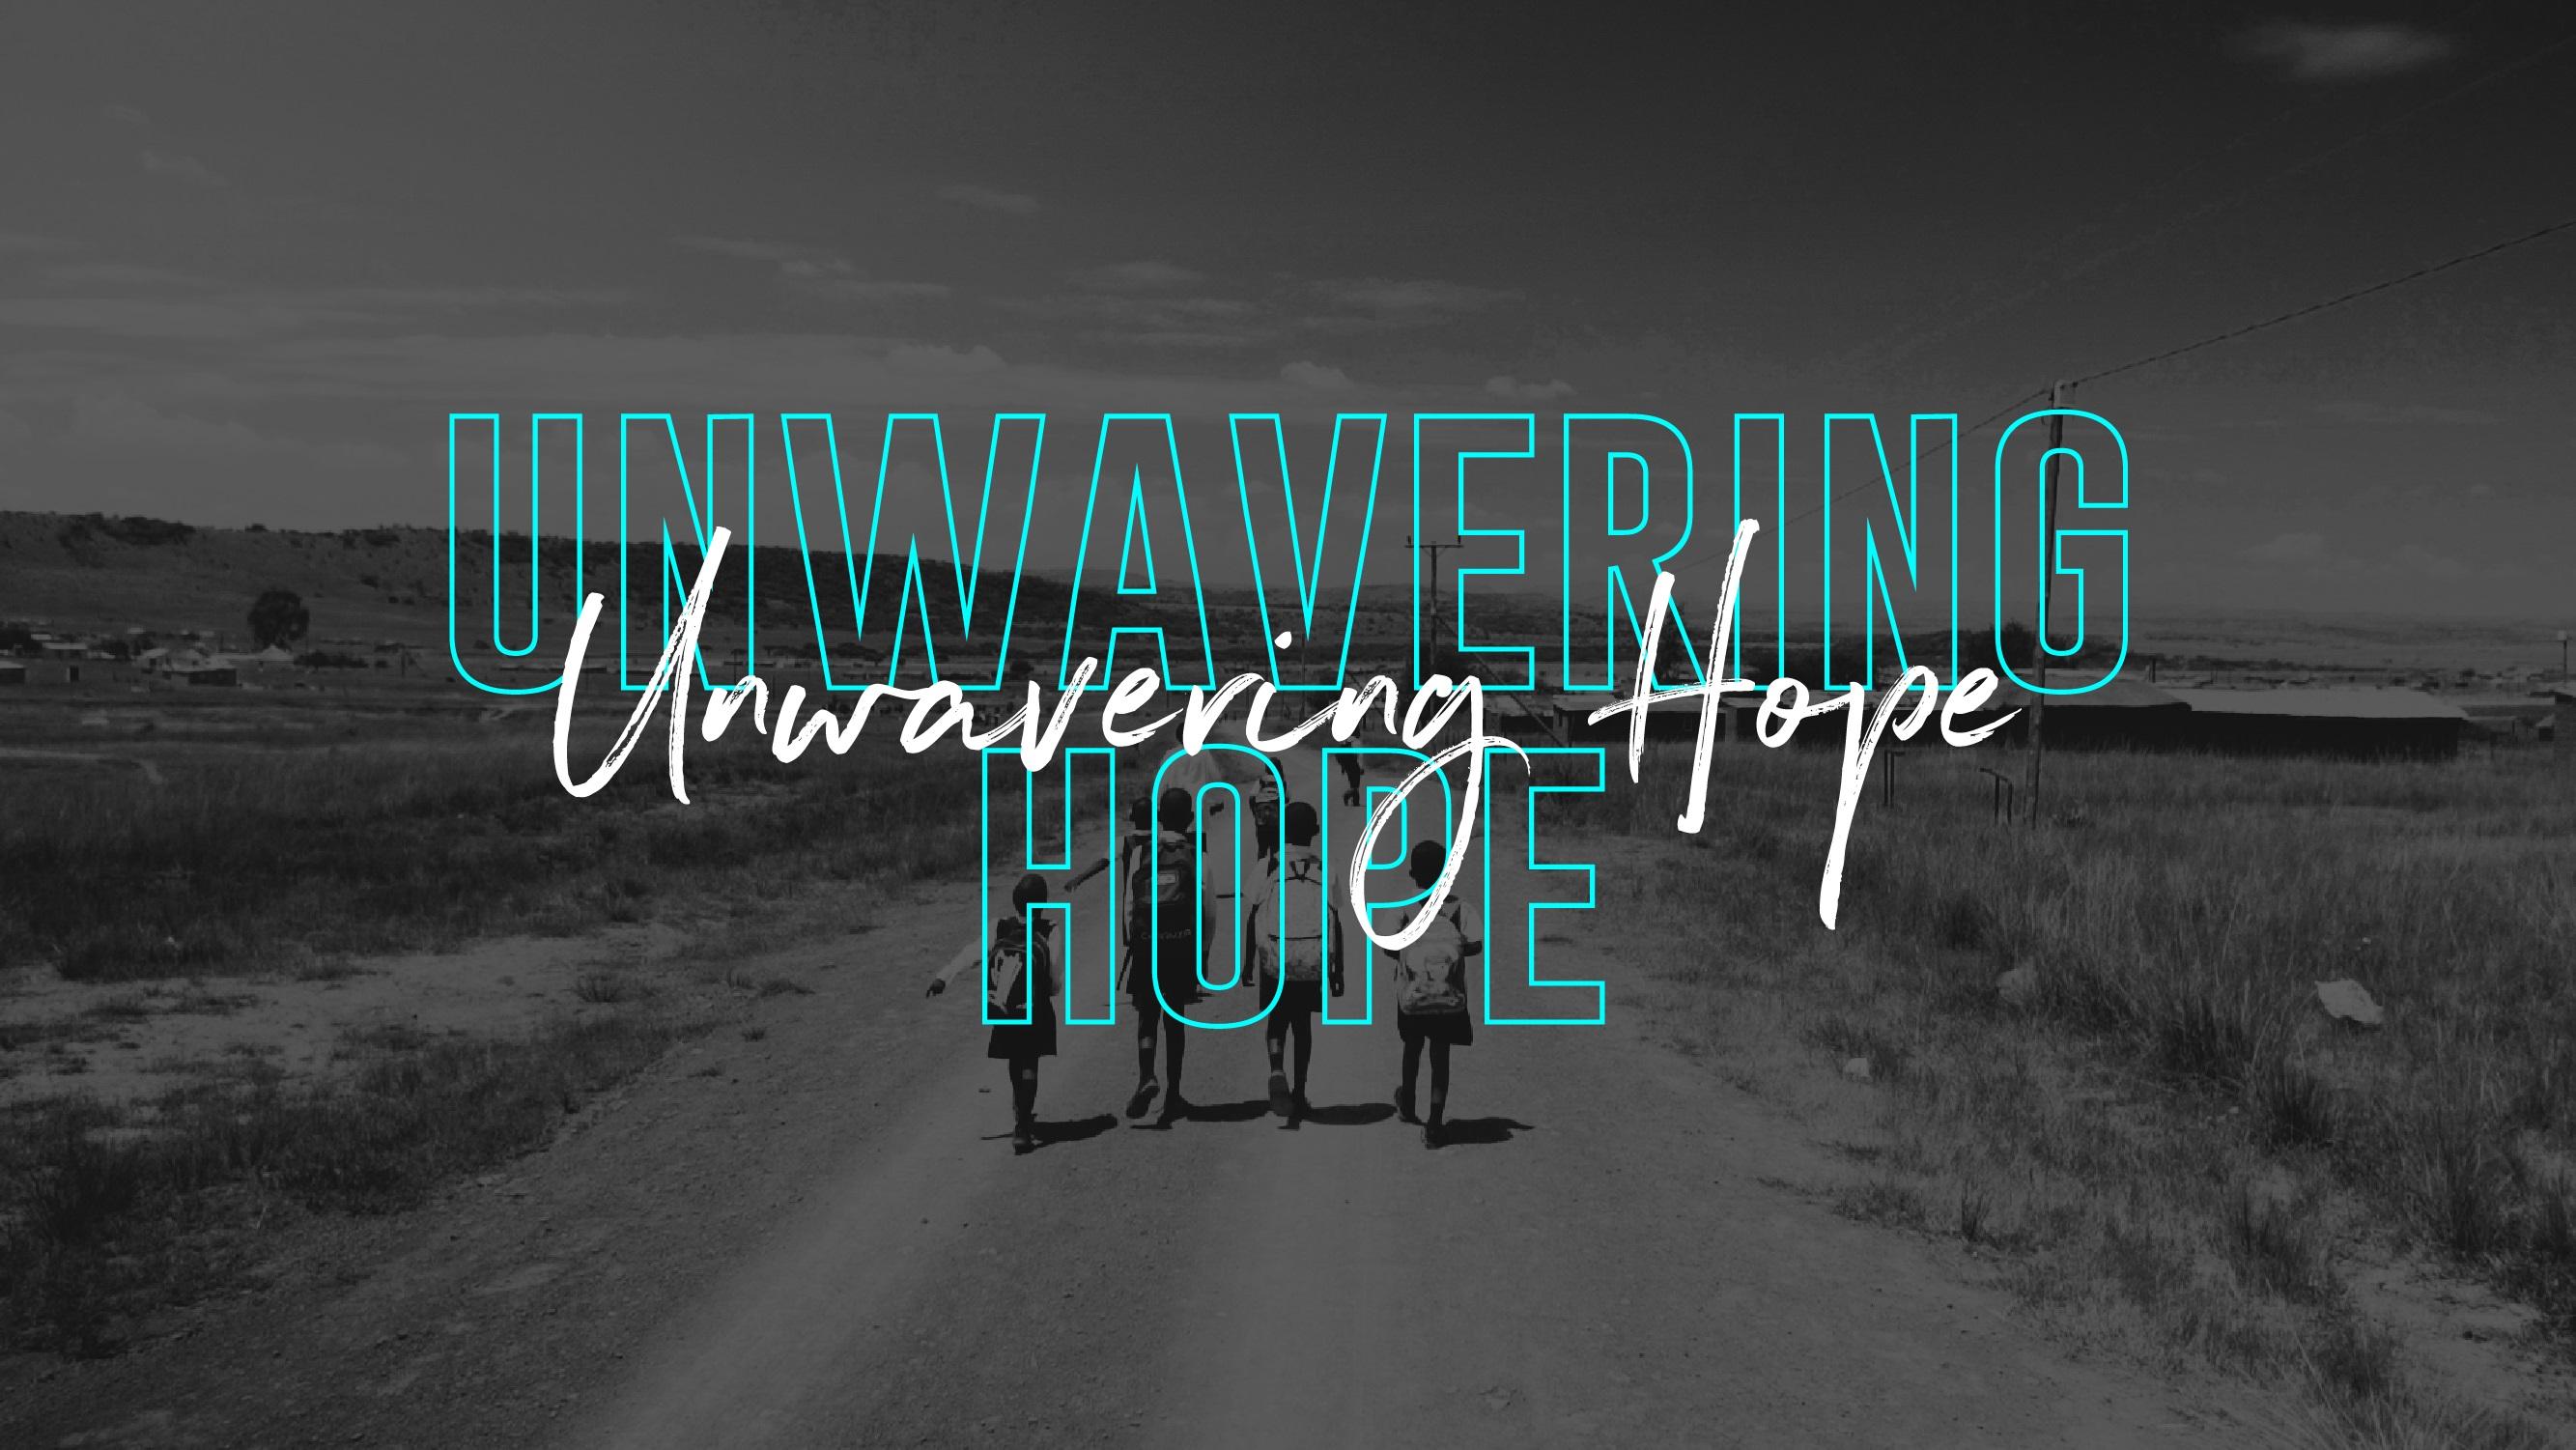 ZL Web 2018_720_Unwavering Hope large